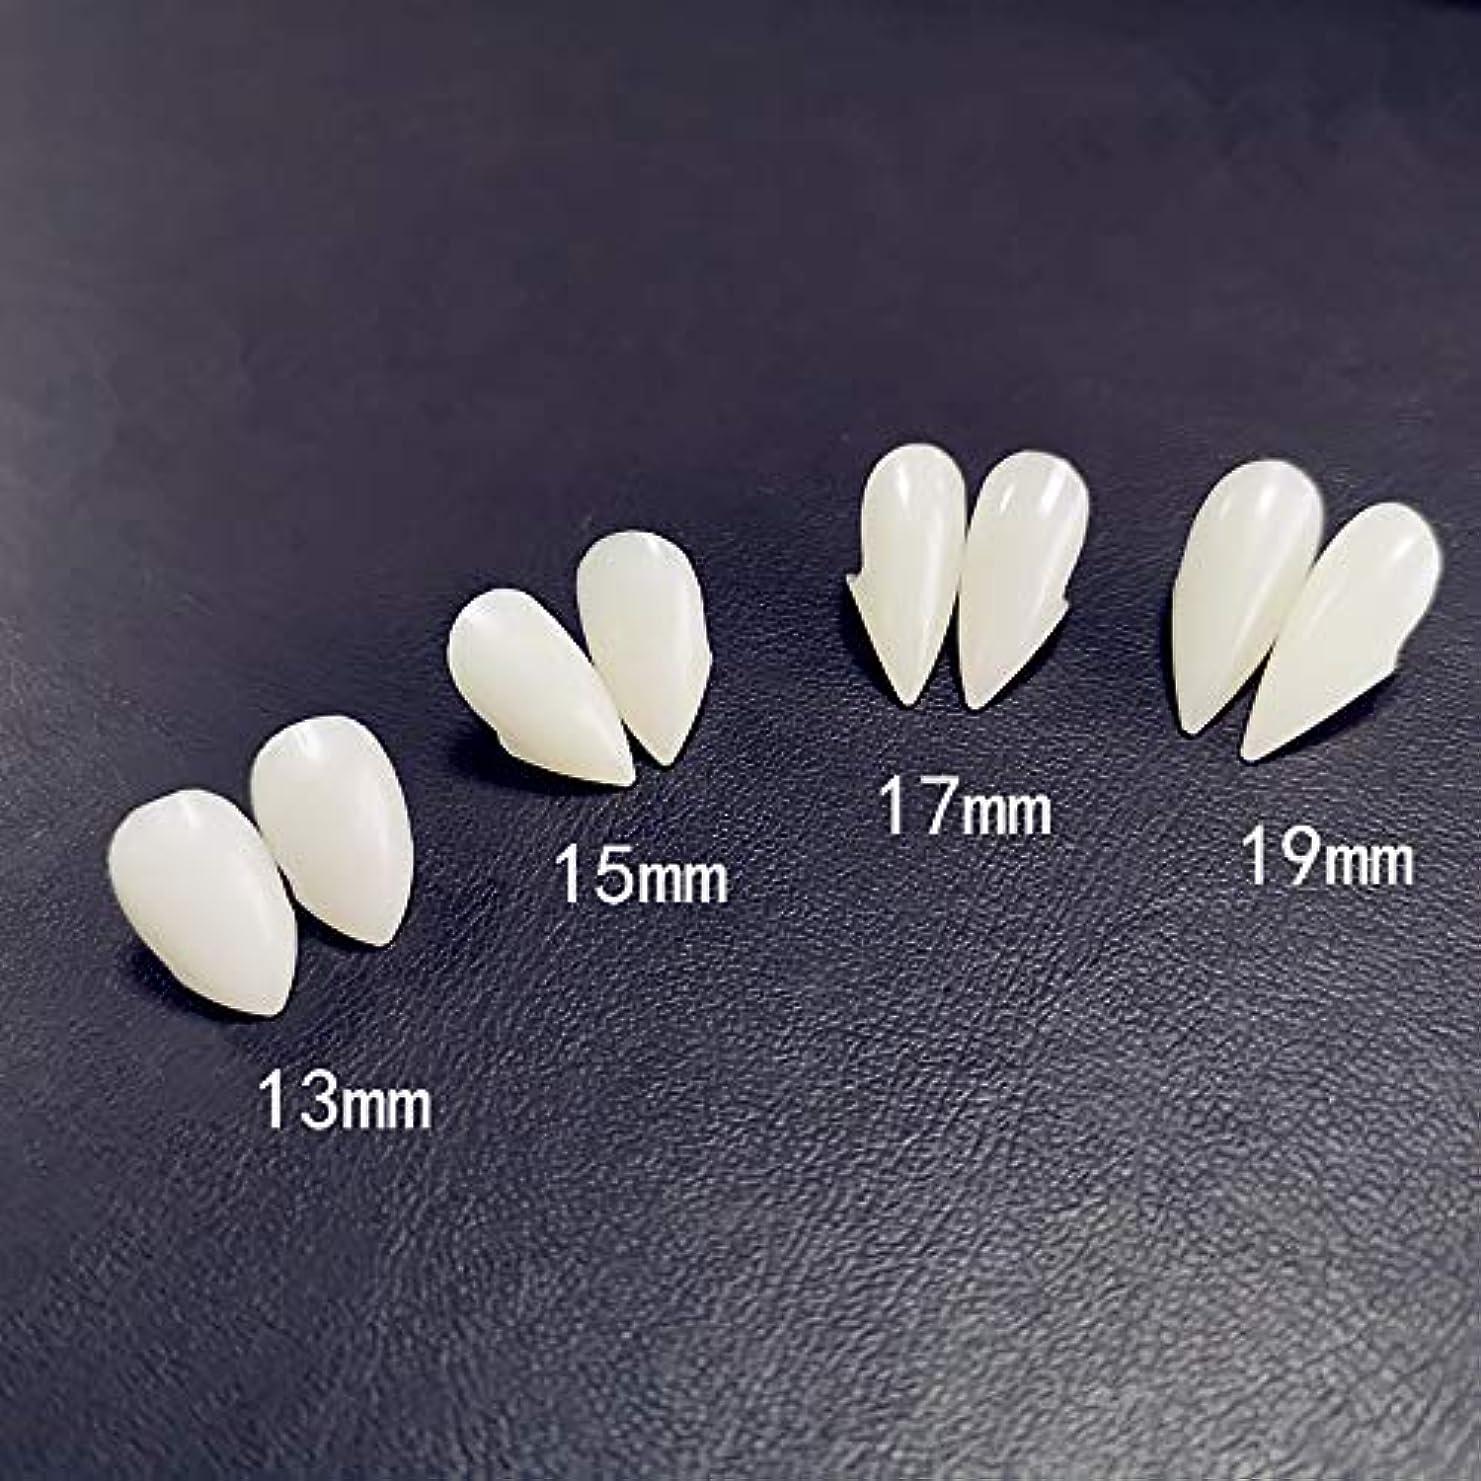 愛人データベースピクニック4サイズ義歯歯牙牙義歯小道具ハロウィンコスチューム小道具パーティーの好意休日diy装飾ホラー大人のための子供-6ペア,19mm